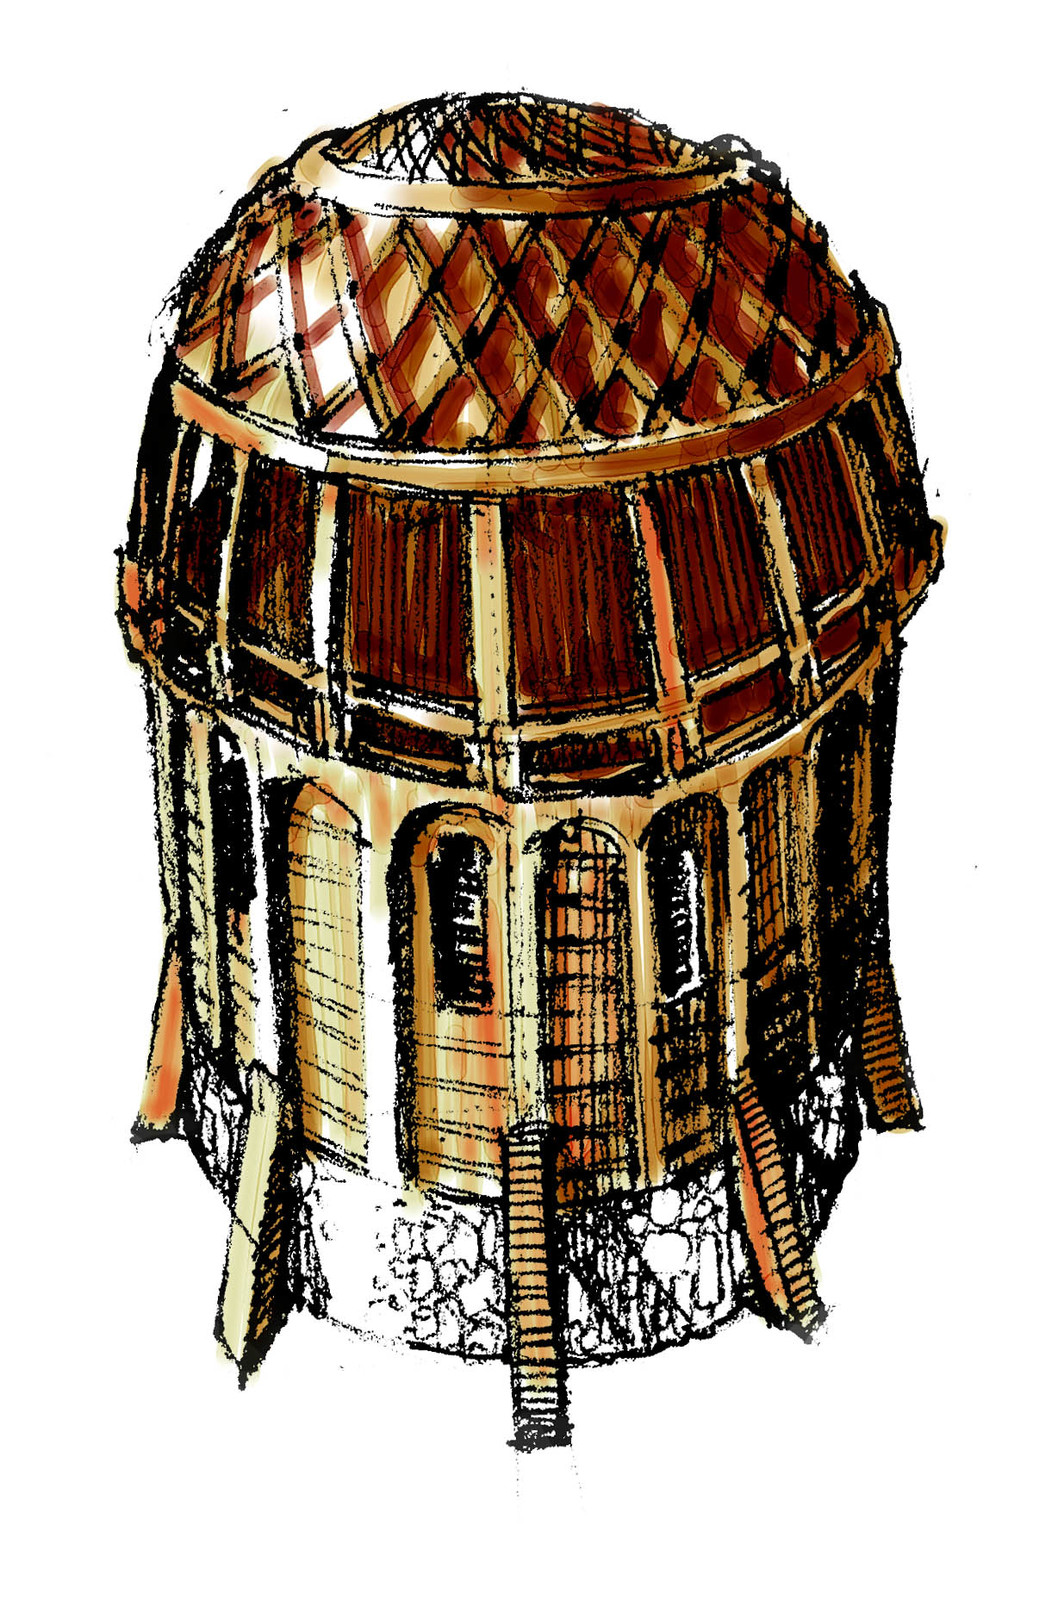 Esgaroth building